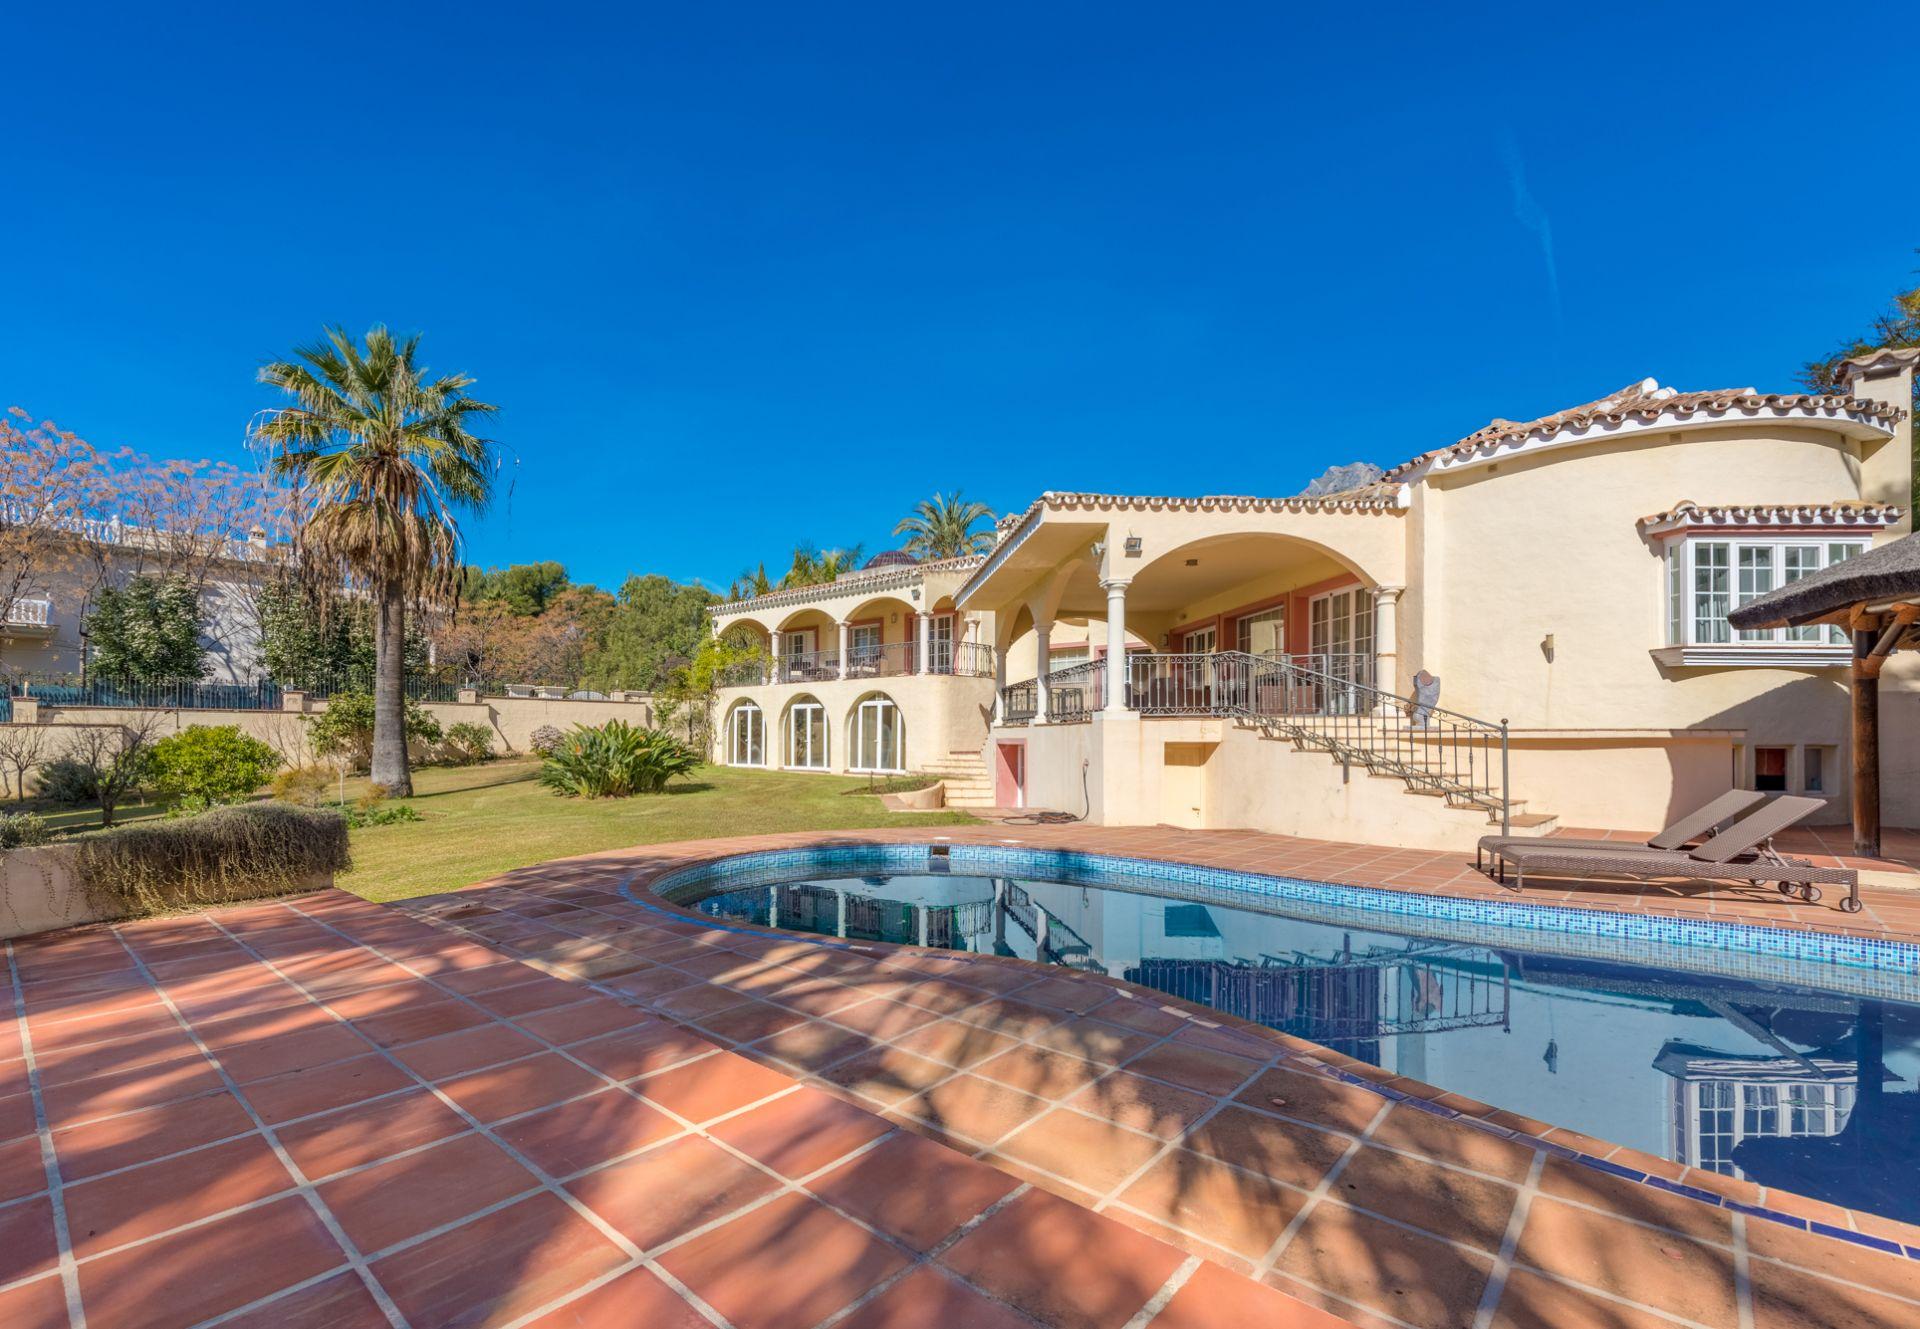 Villa in Rocio de Nagüeles, Marbella